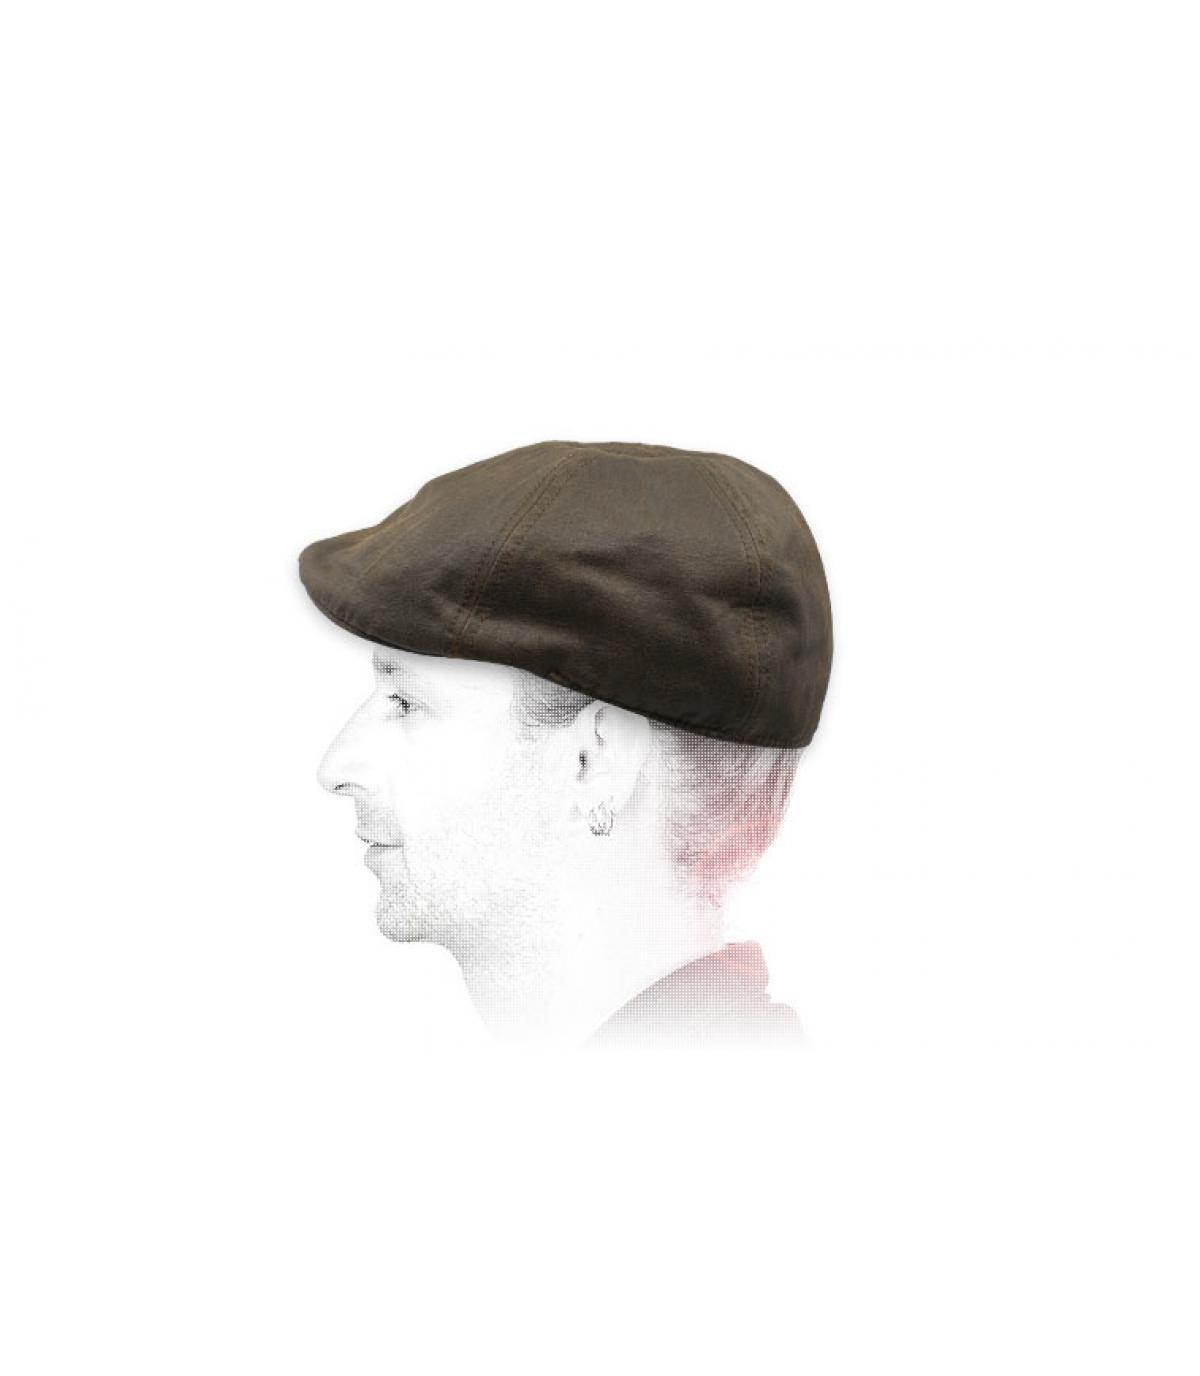 gorra duckbill marrón algodón